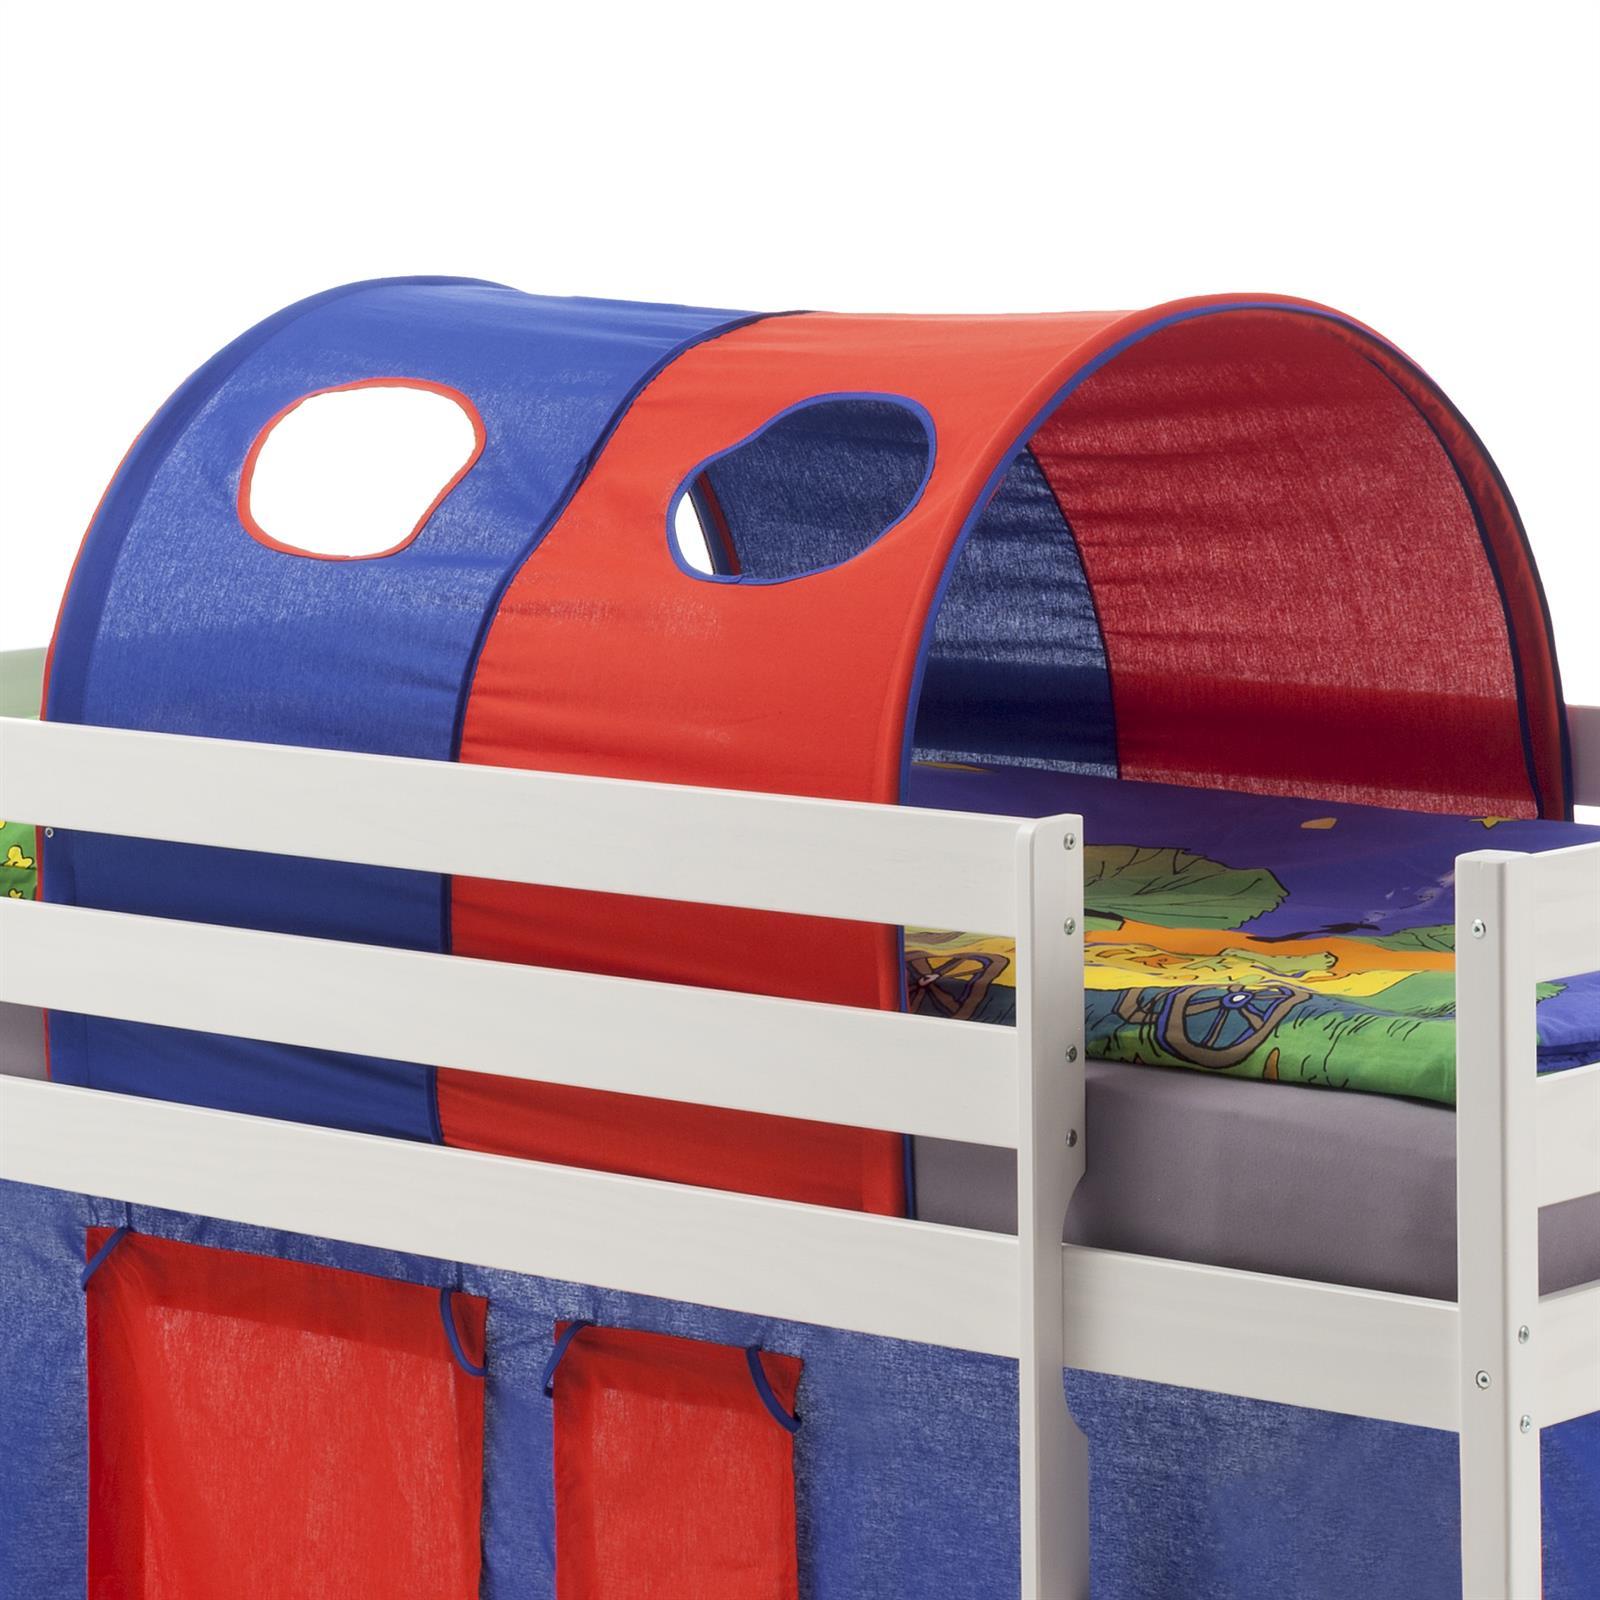 bett tunnel spielzelt bettzelt f r hochbett rutschbett spielbett kinderbett ebay. Black Bedroom Furniture Sets. Home Design Ideas